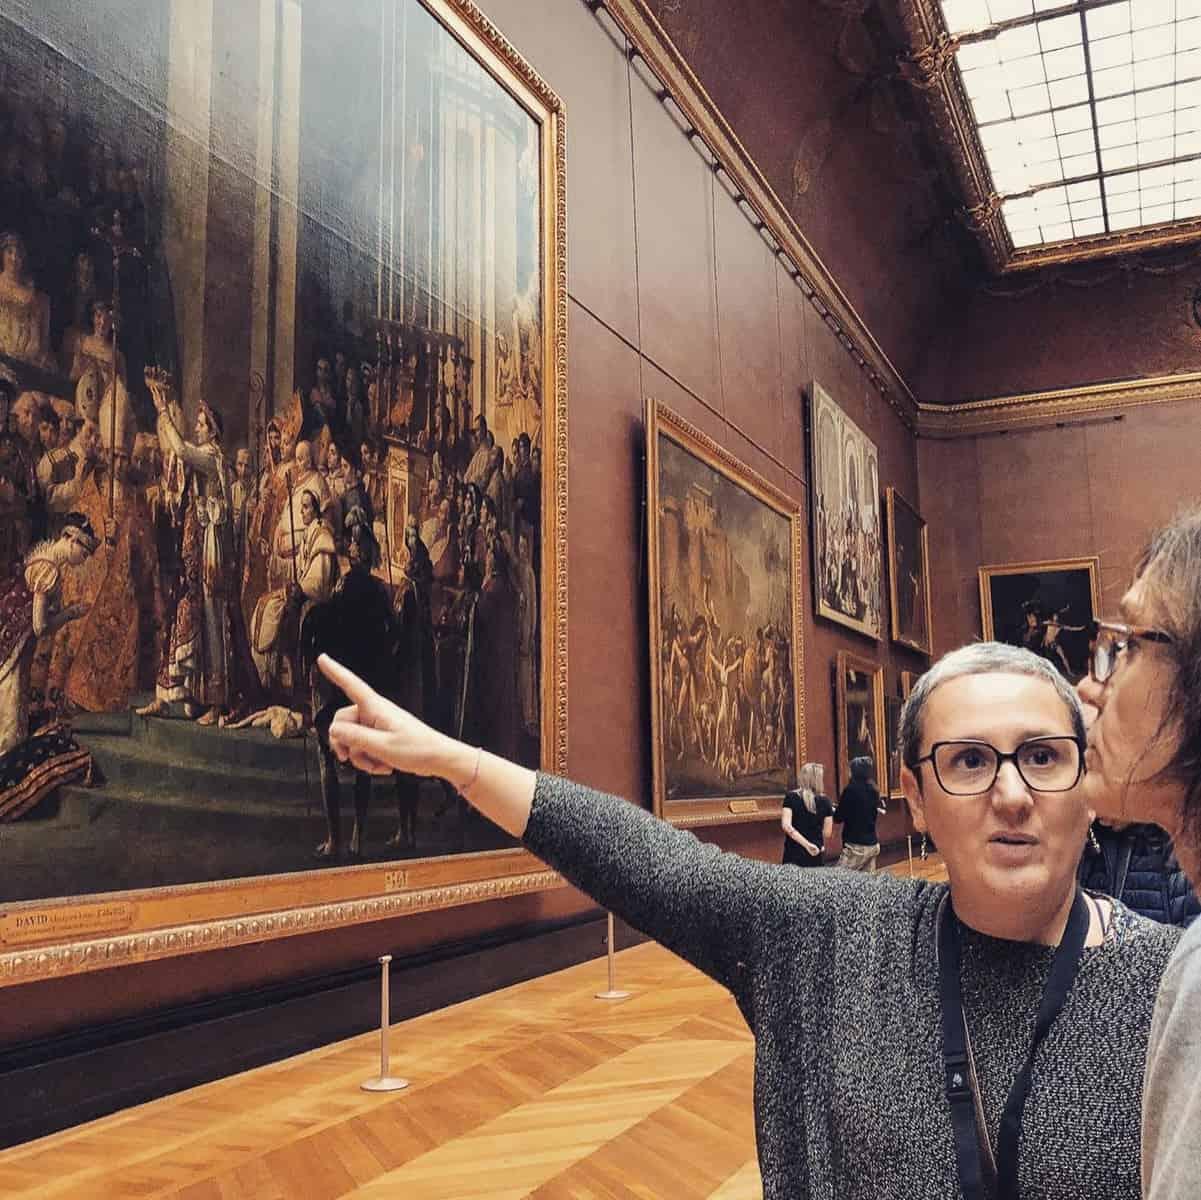 Les visites de Marta, musée du Louvre, Paris